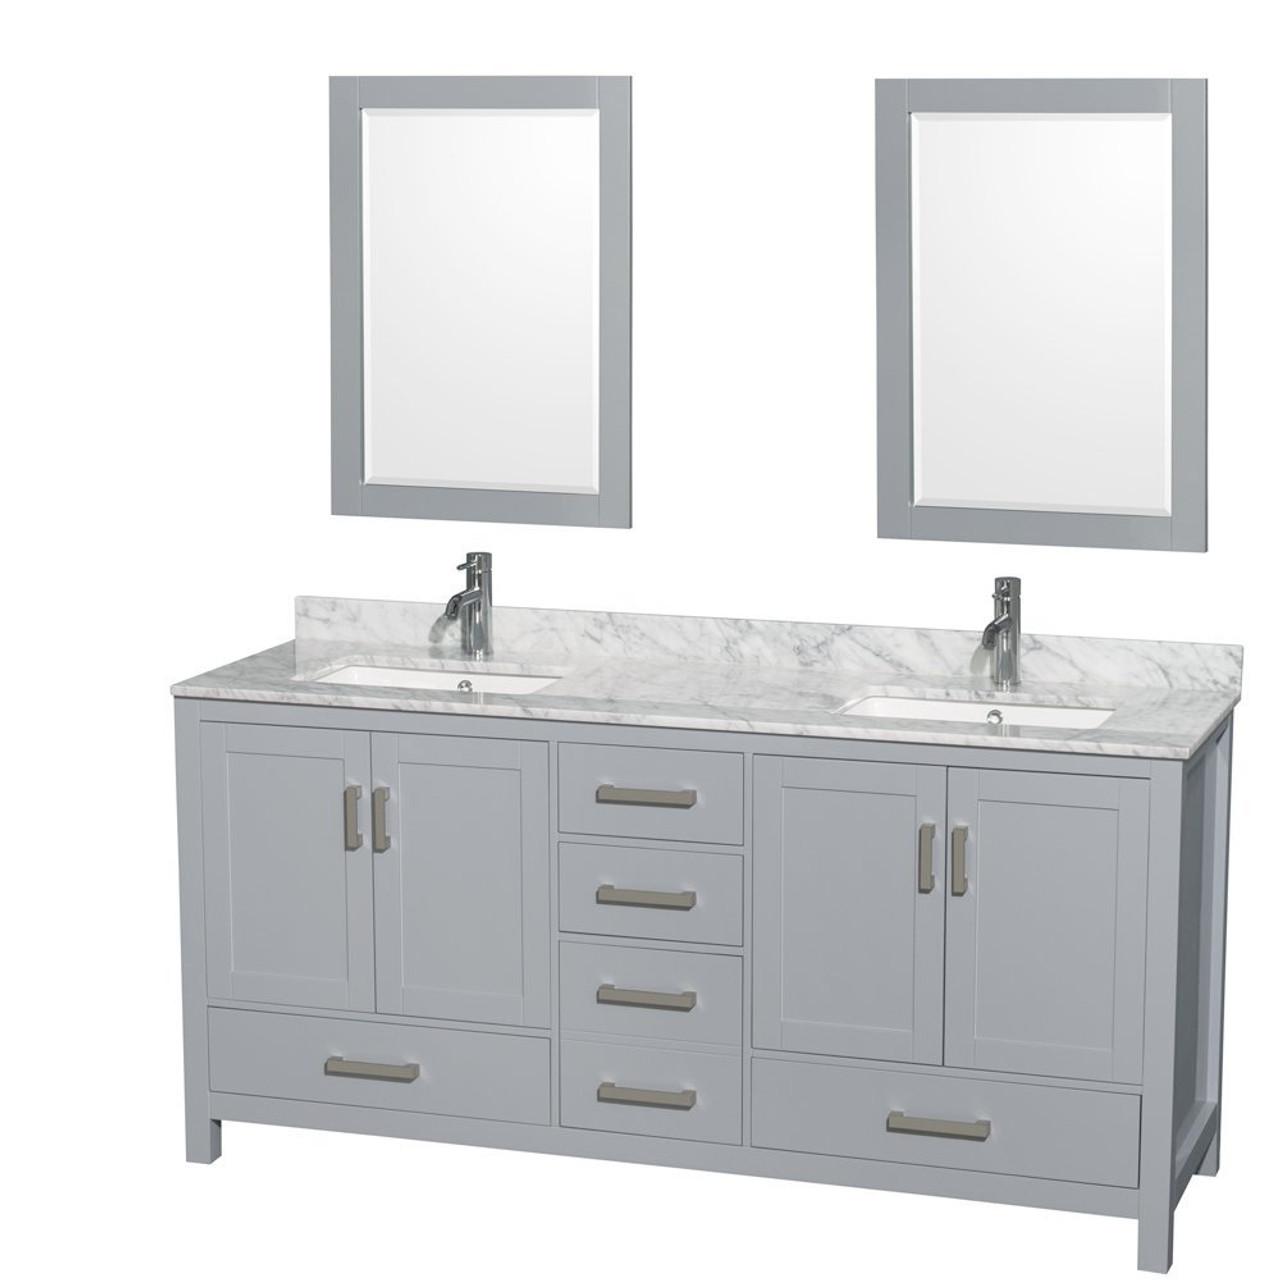 Armada 72 bathroom vanity ice grey